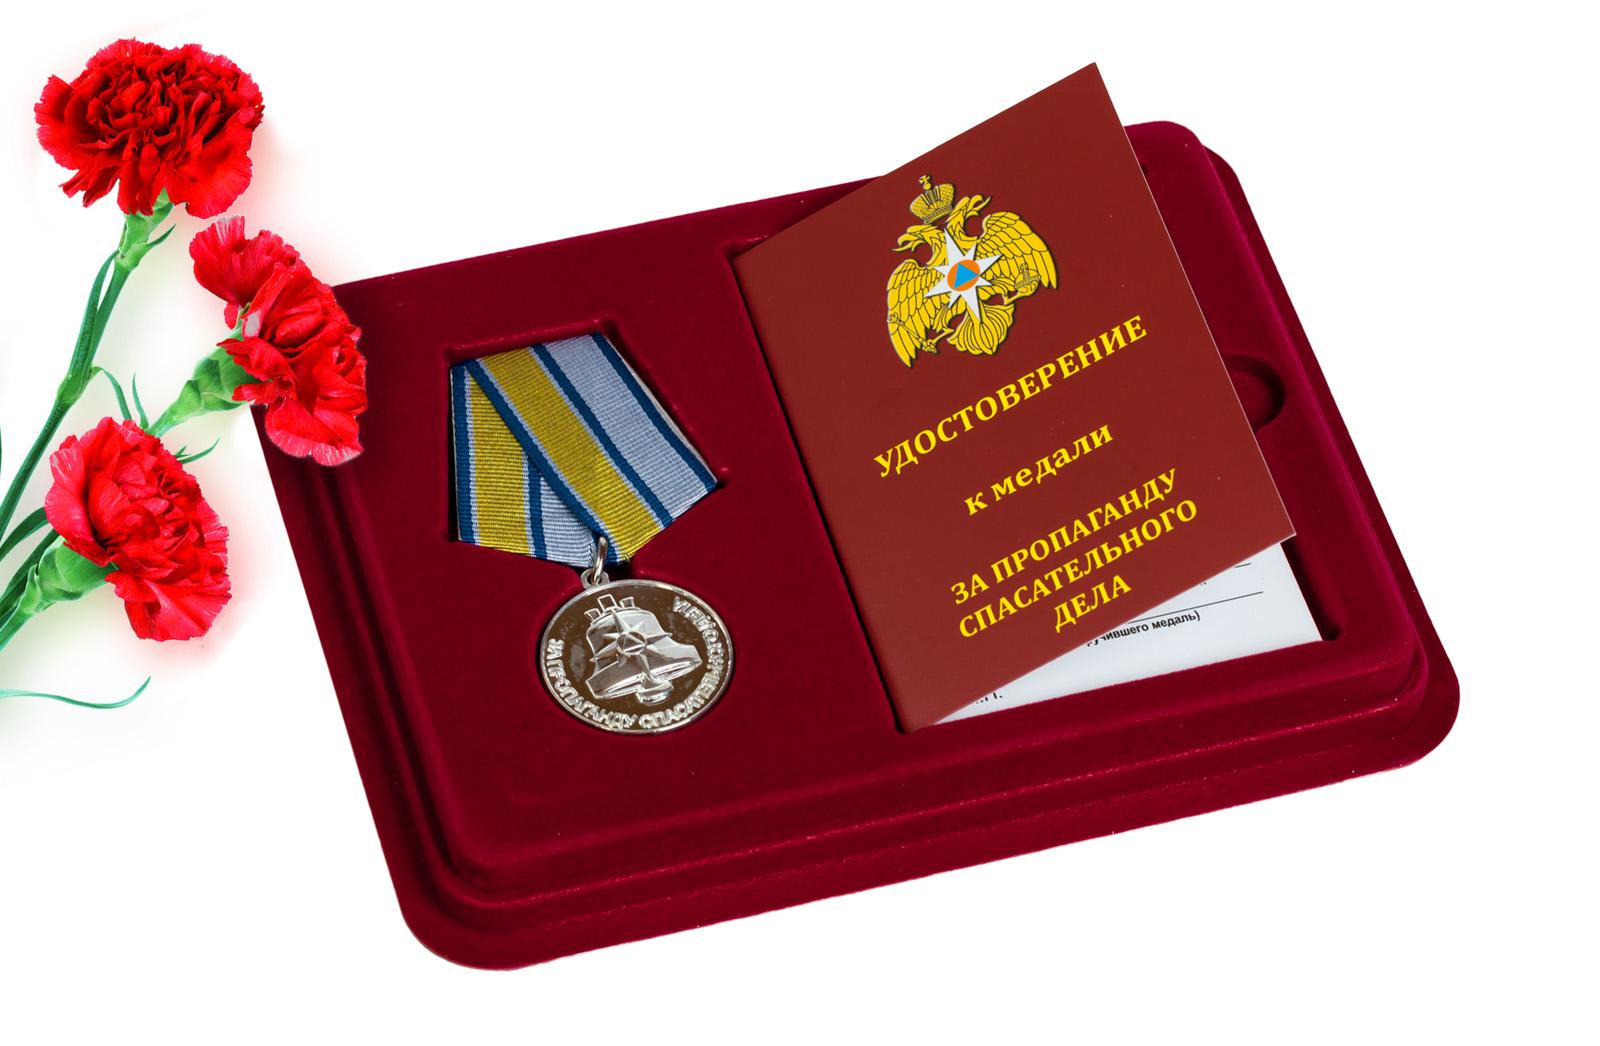 Купить медаль МЧС России За пропаганду спасательного дела оптом